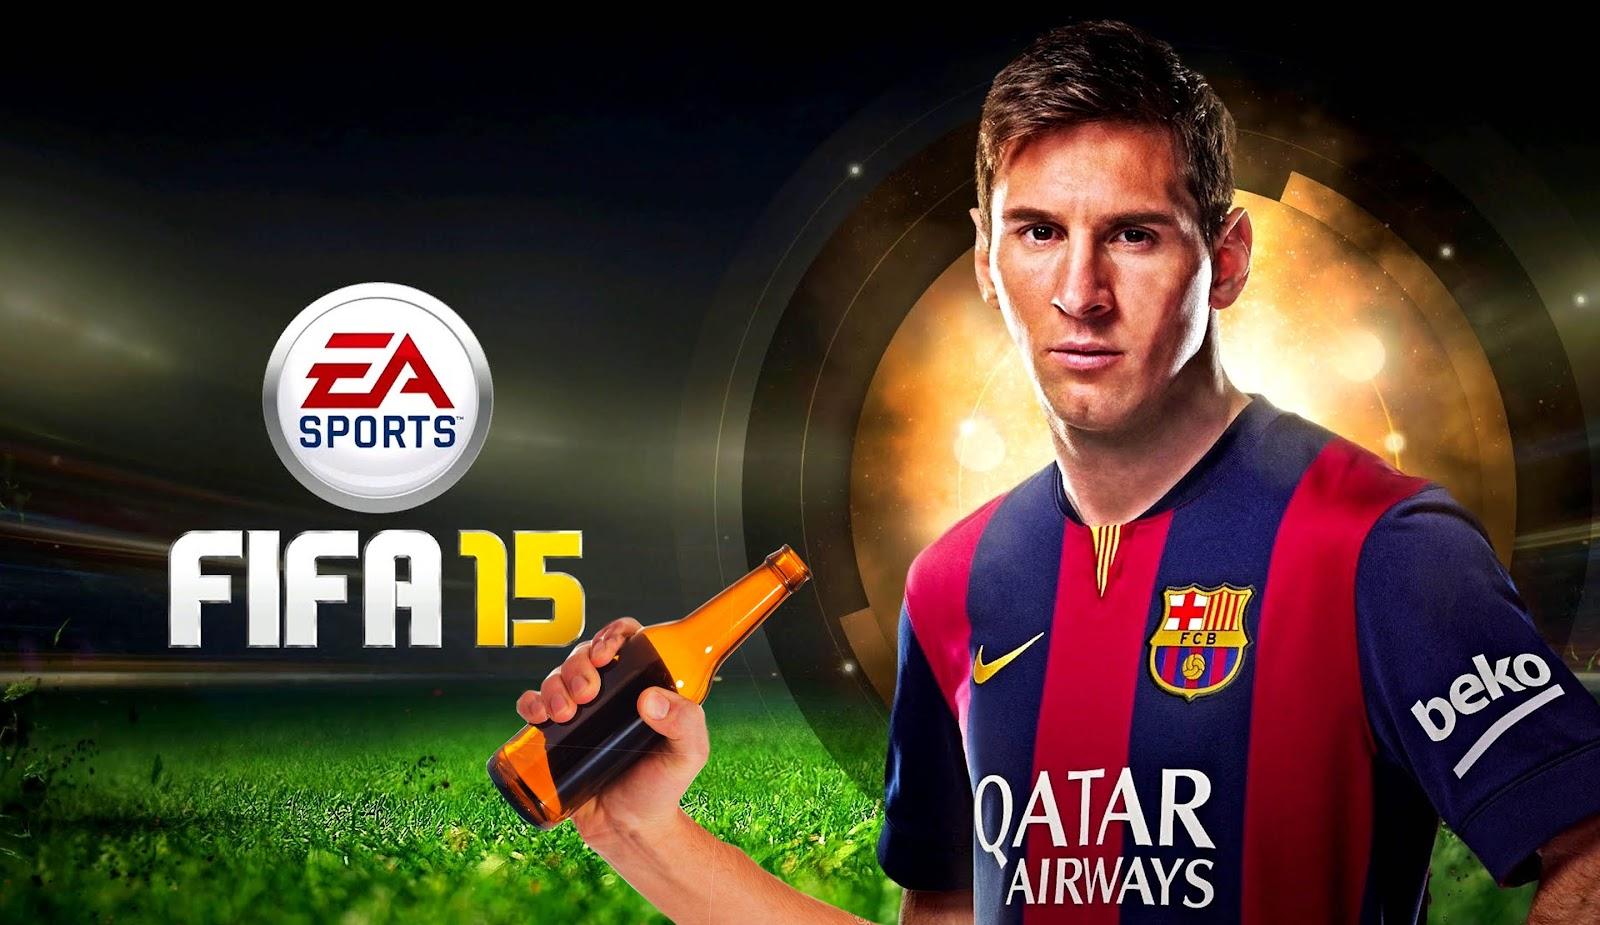 melhores_games_para_desafios_alcoolicos_fifa.jpg